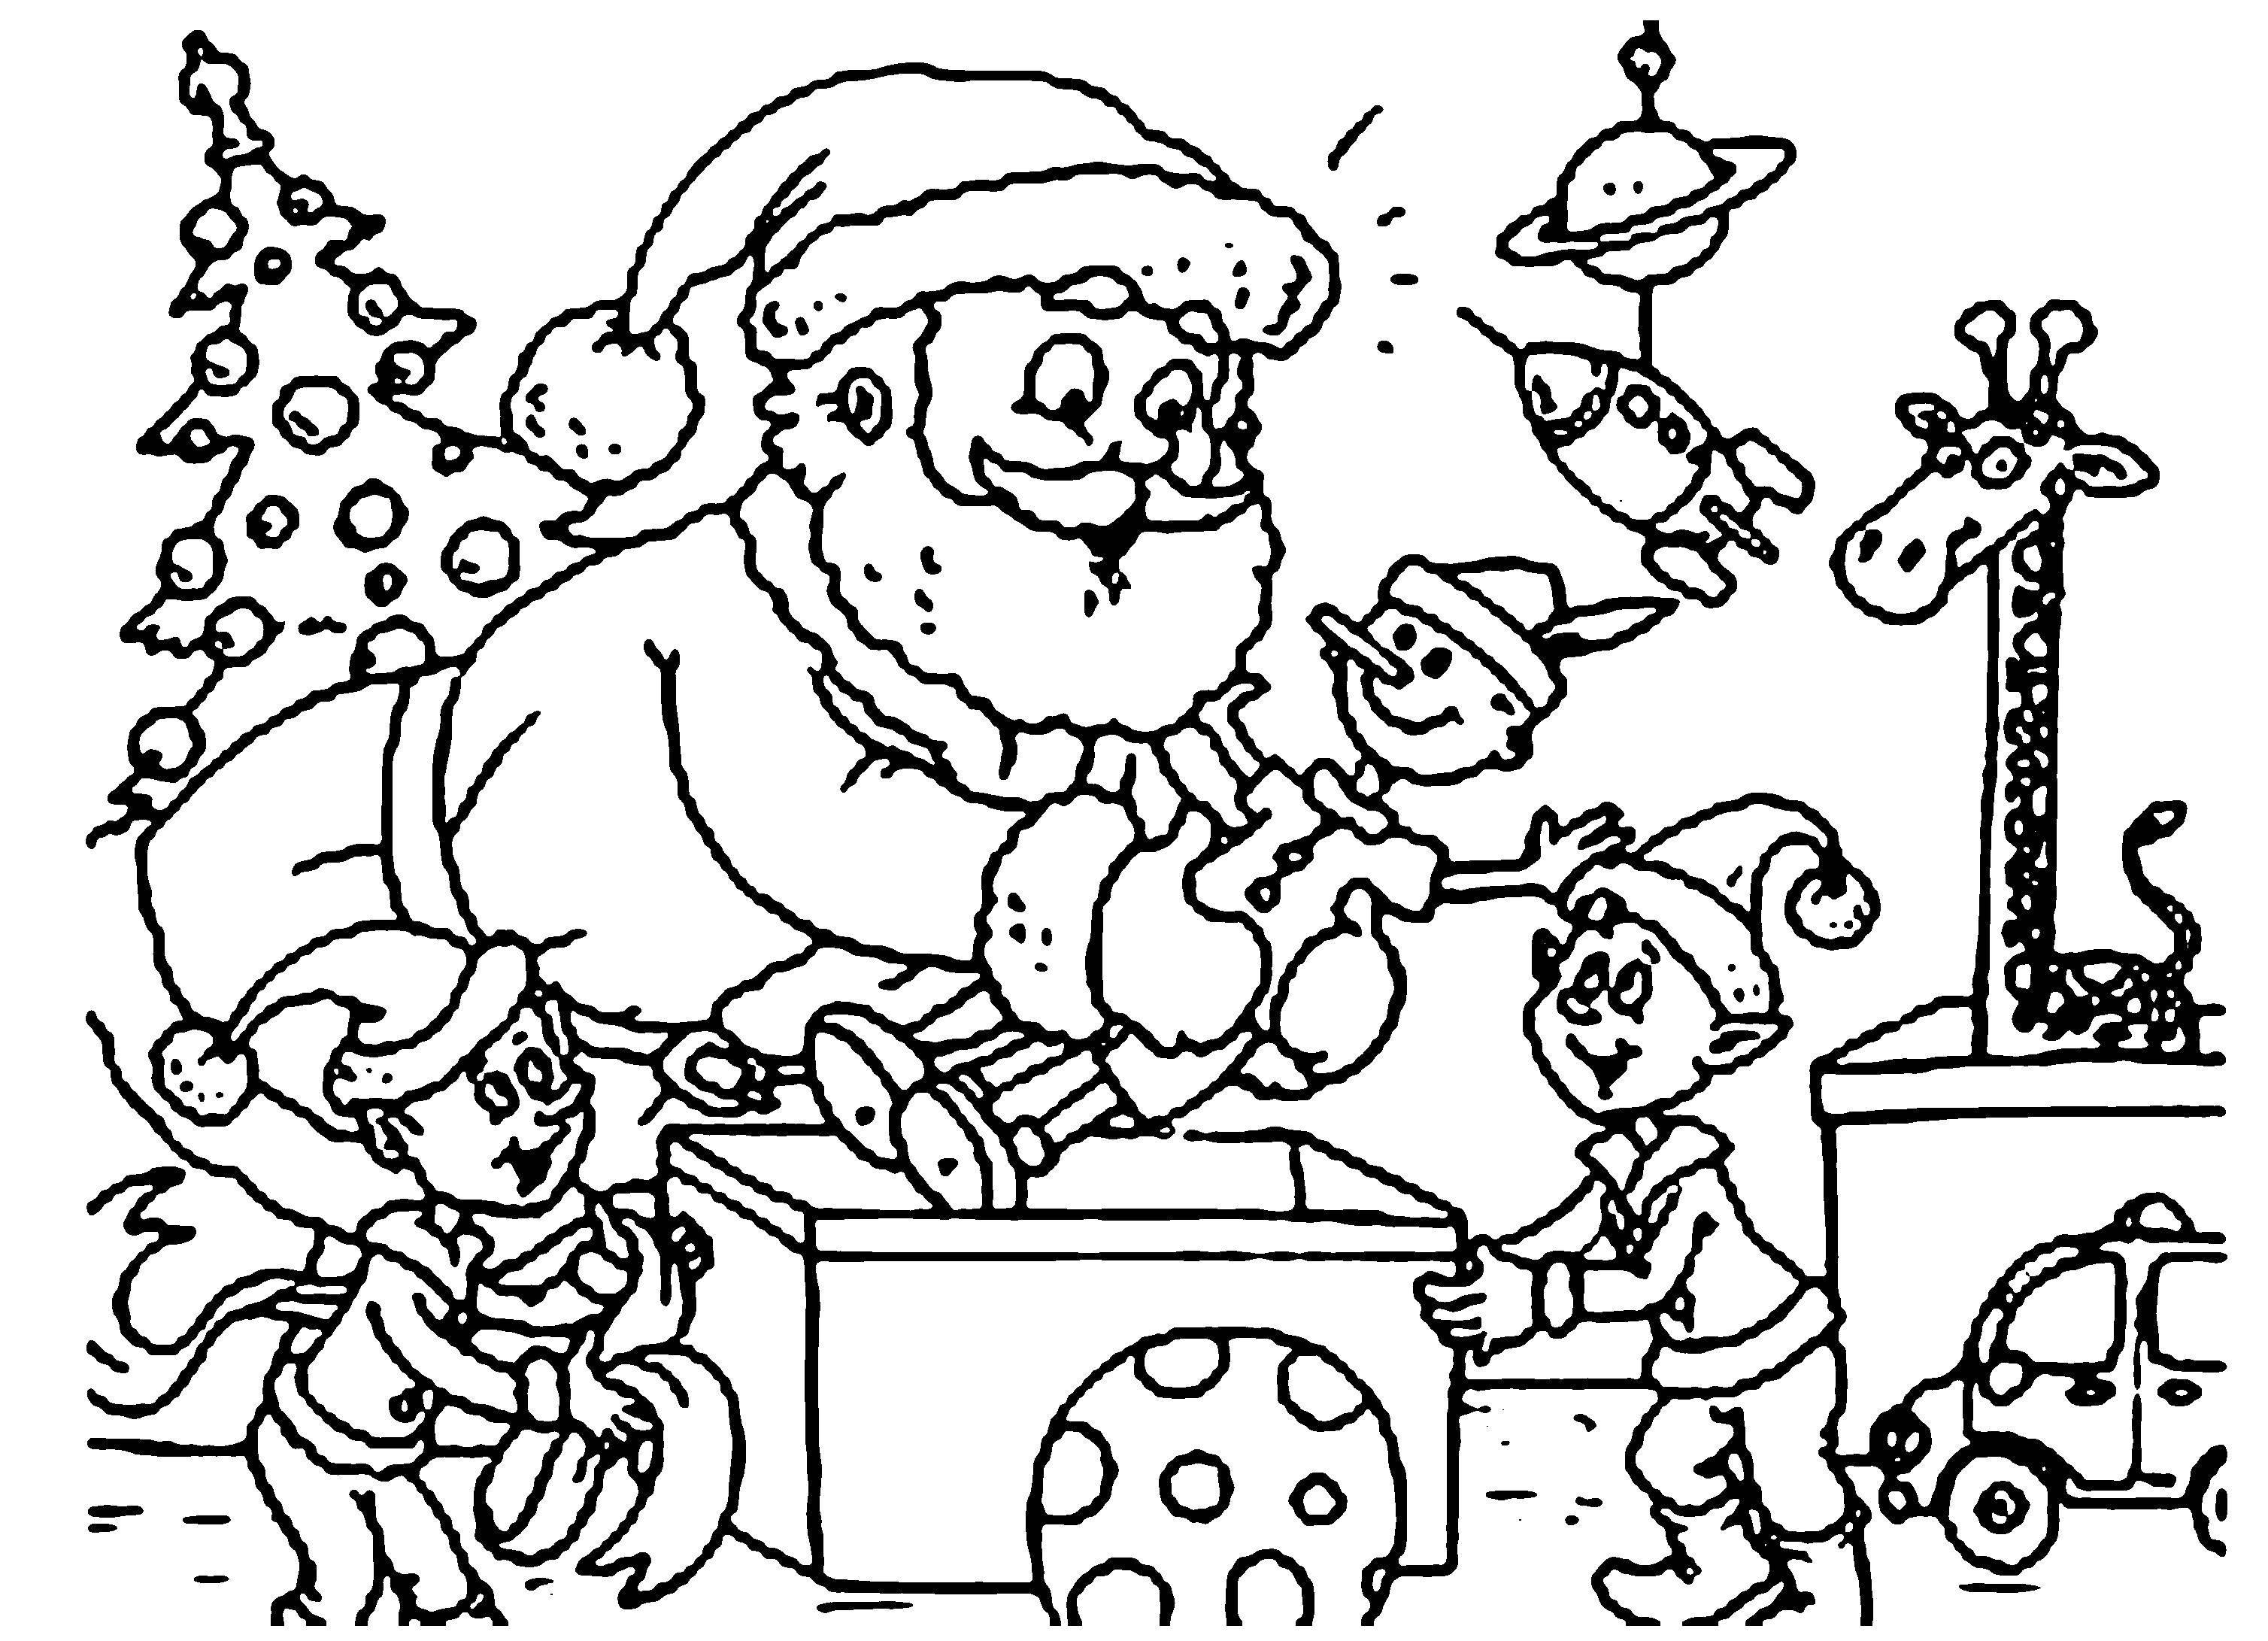 Раскраска Рождество Скачать Драконы, дракончик.  Распечатать ,Драконы,